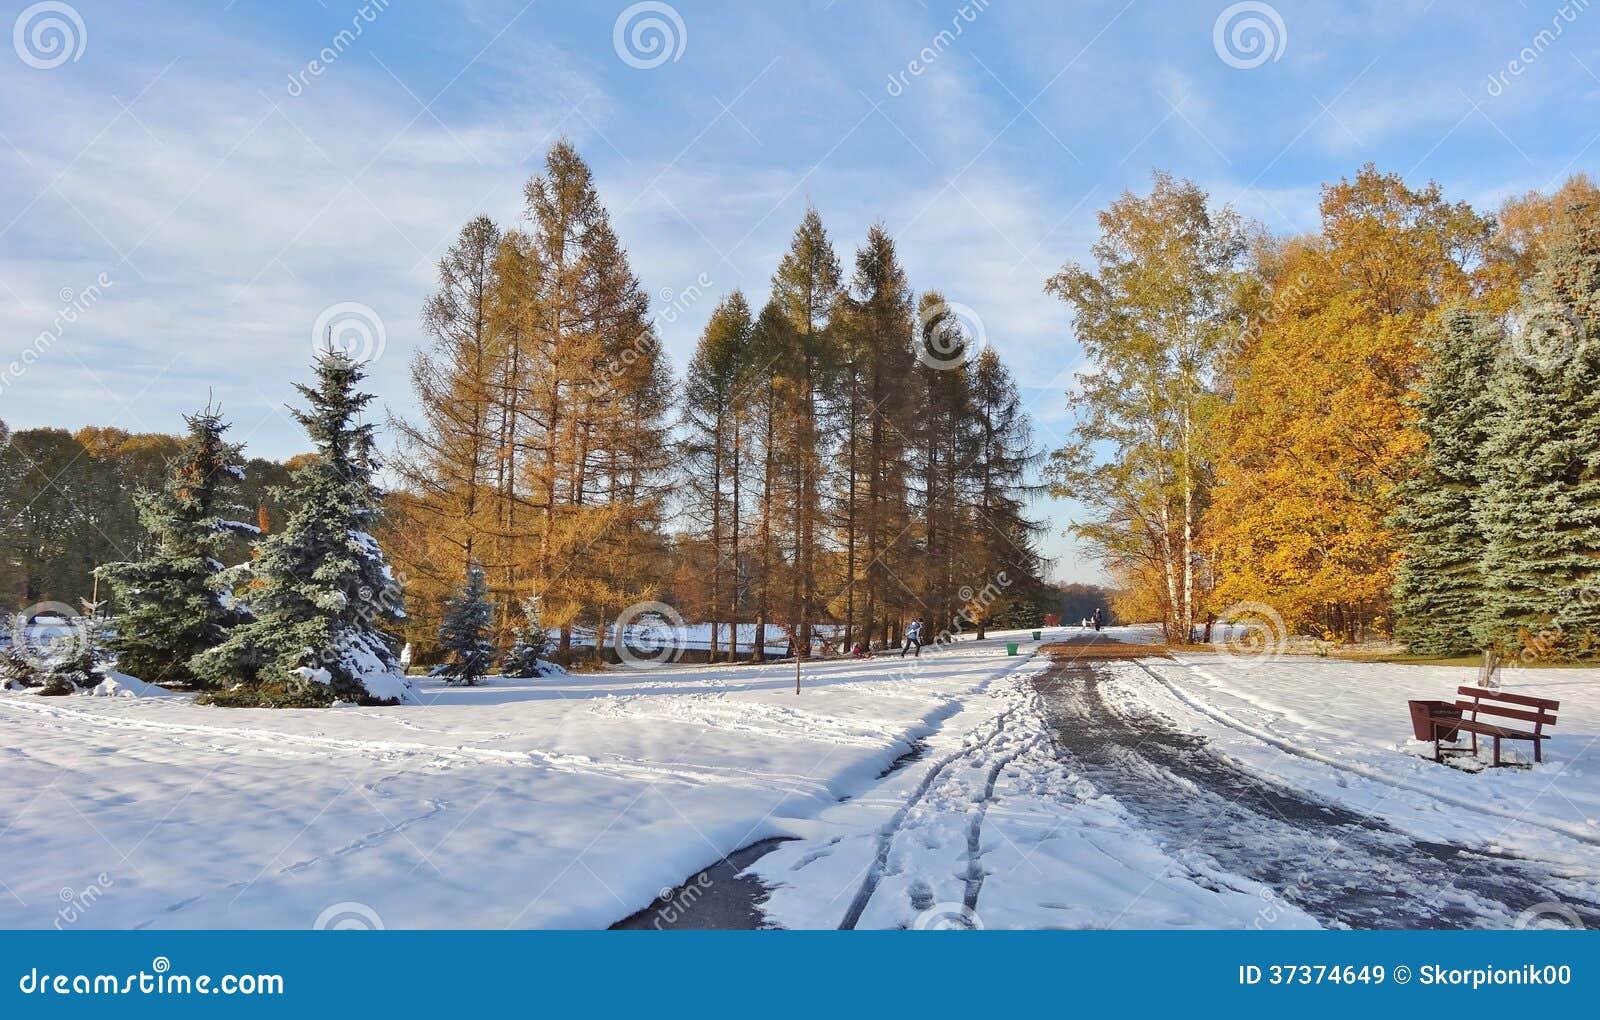 Jour d 39 hiver un jardin botanique image stock image for Jardin botanique hiver 2015